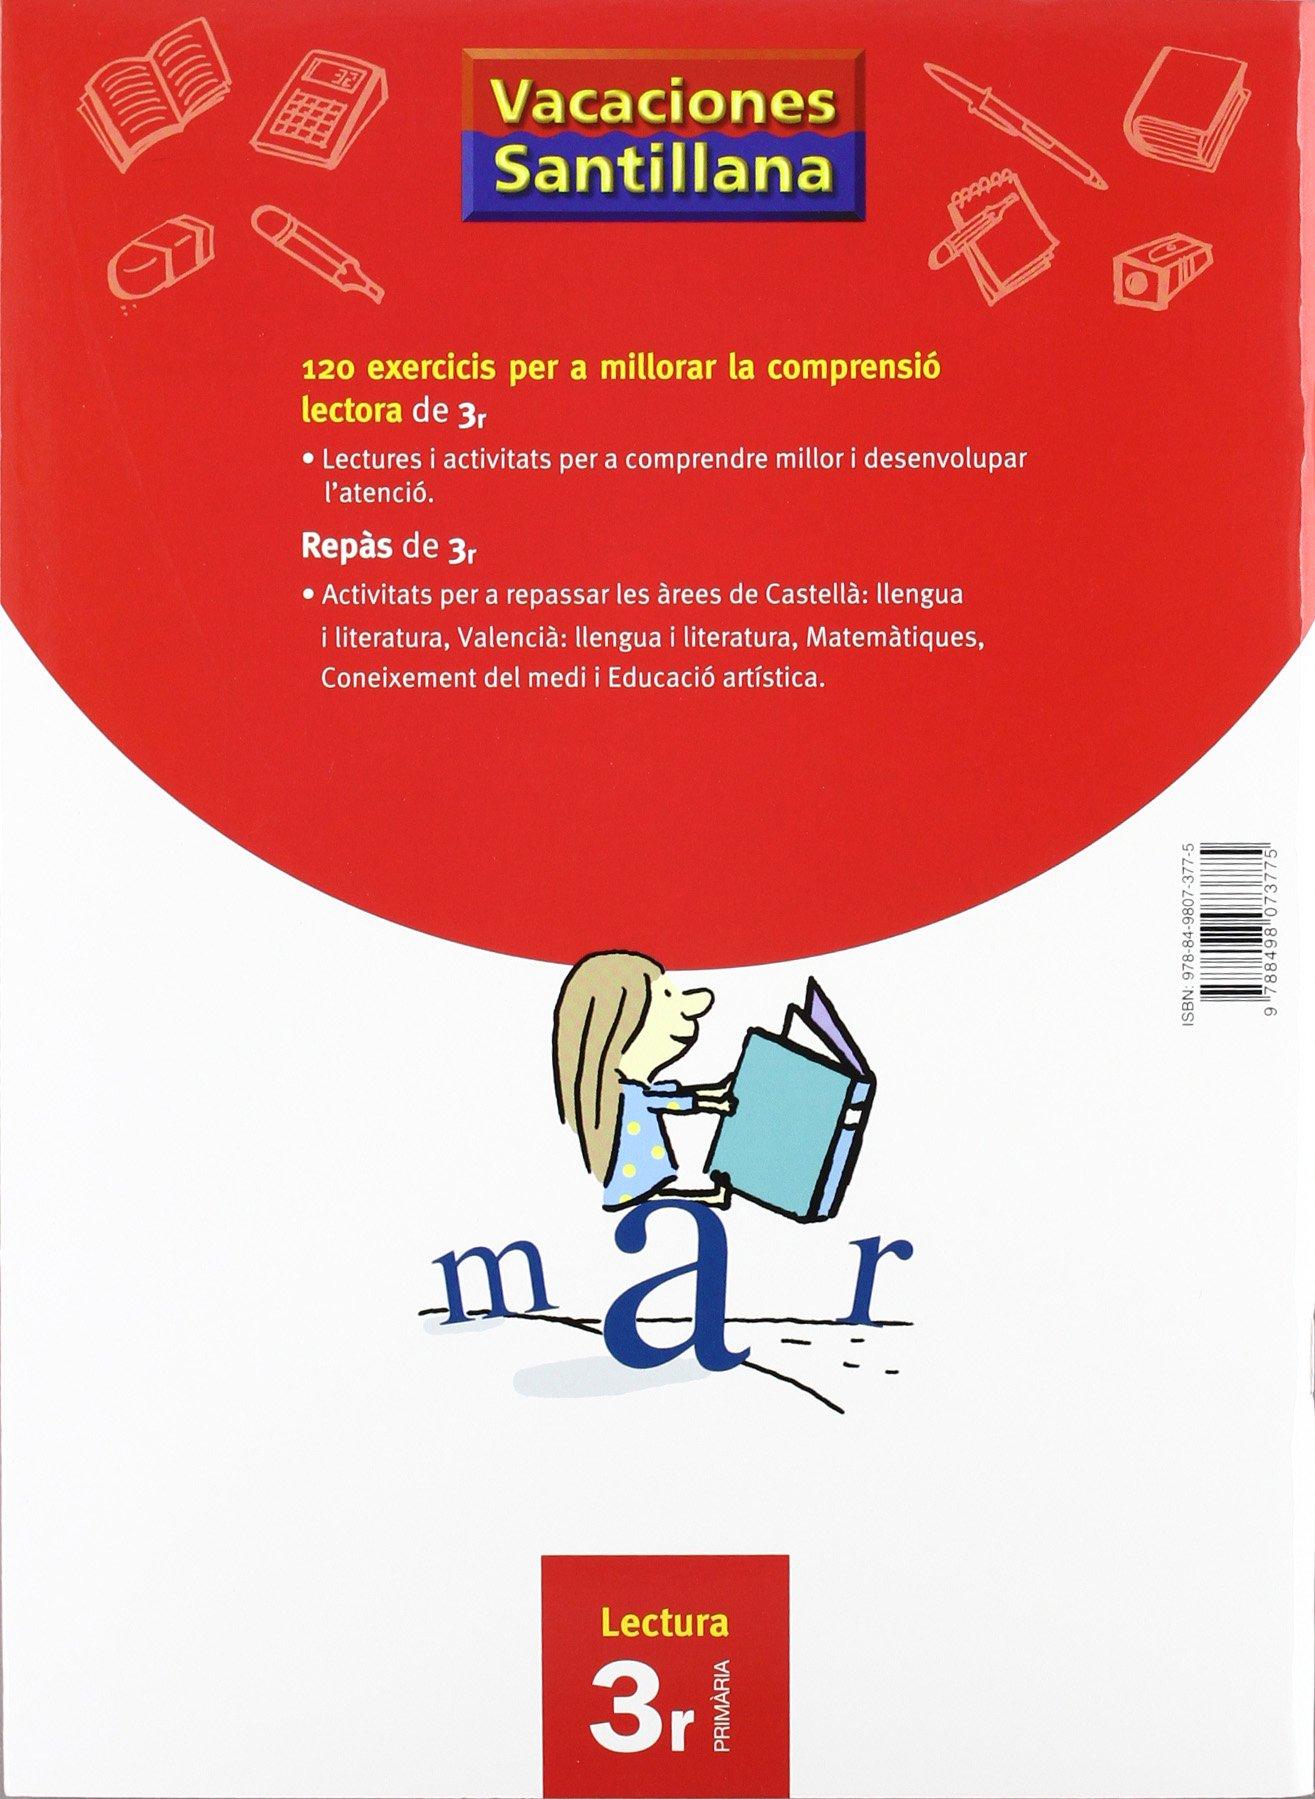 Vacaciónes Santillana 120 Exercicis Per a Millorar La Comprensio Lectora 3  PriMaría Valenciano Voramar - 9788498073775: Amazon.es: Libros